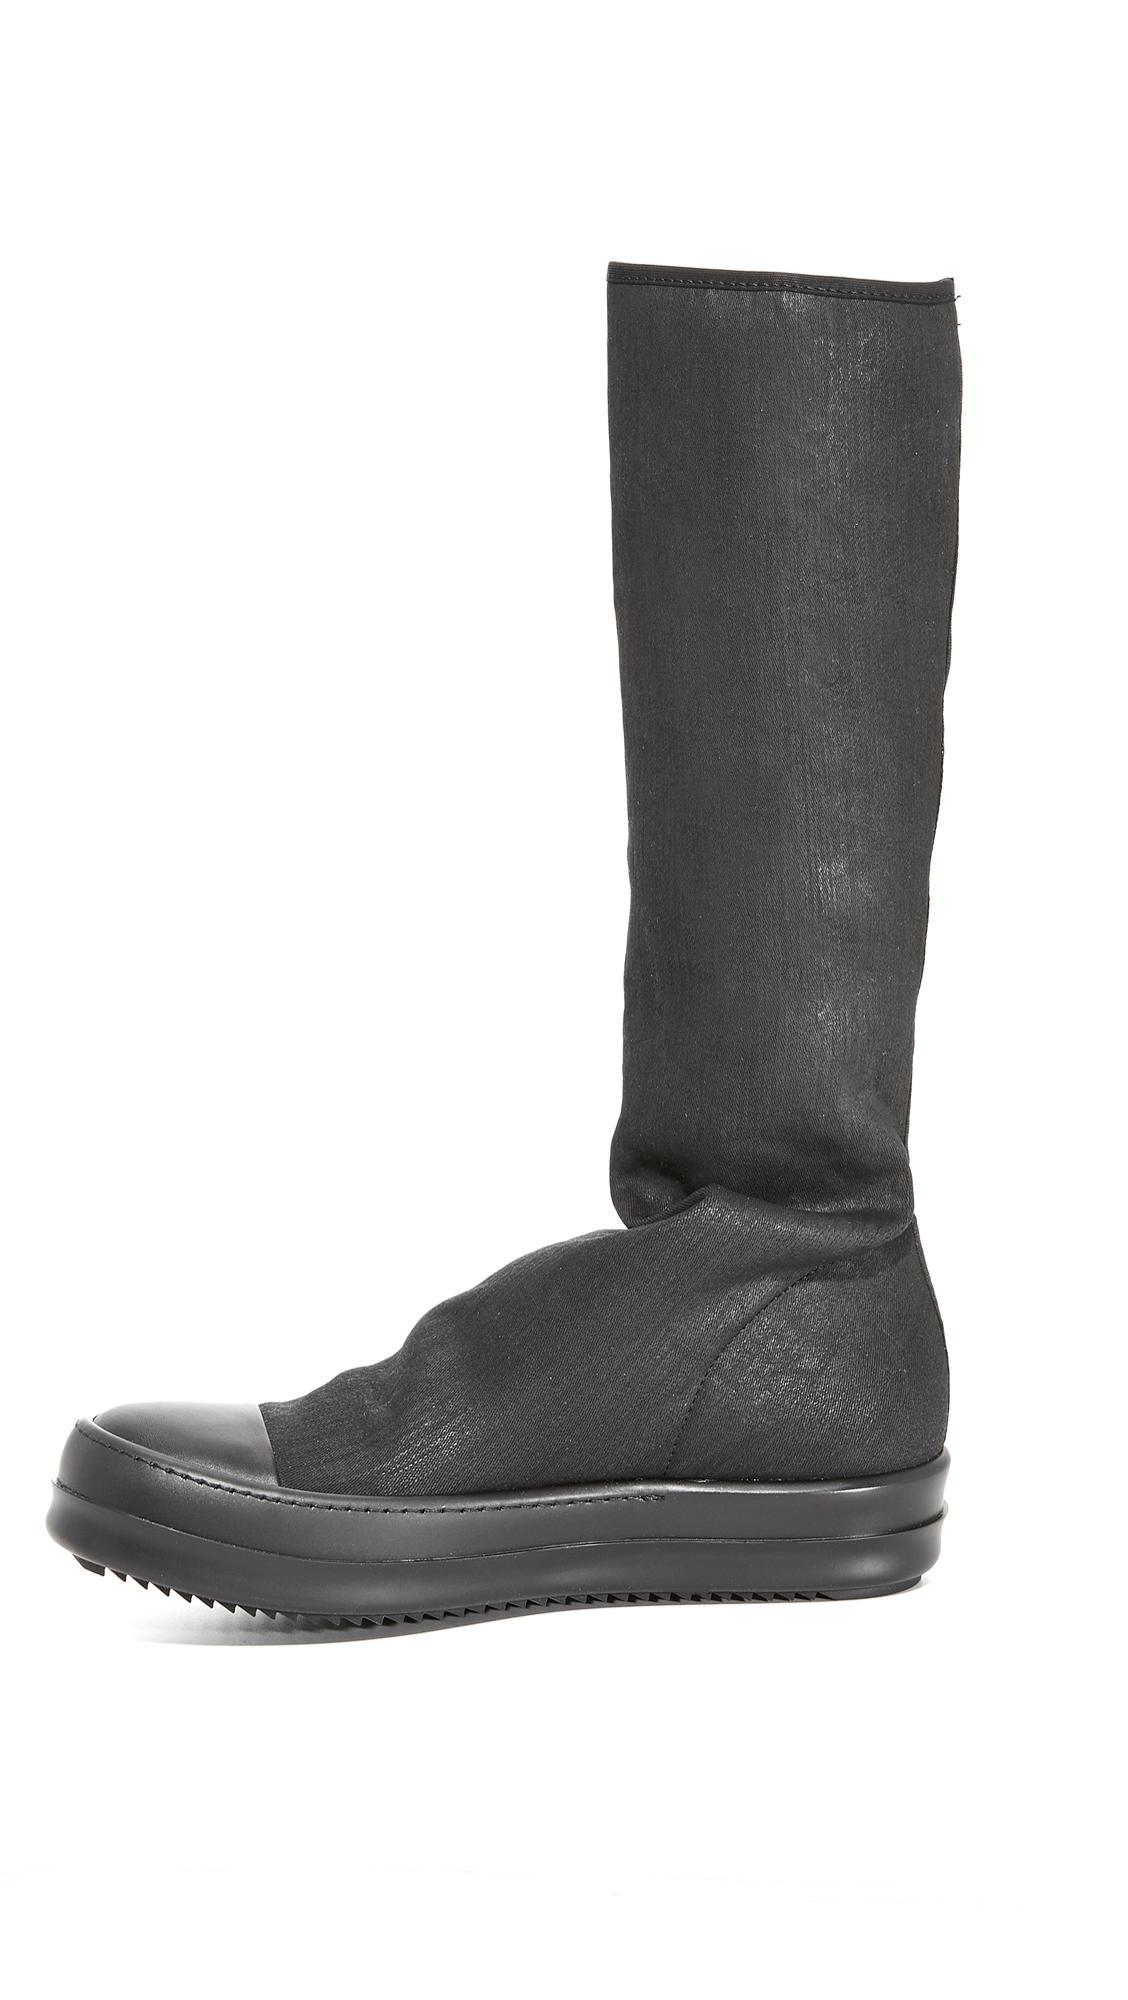 RICK OWENS DRKSHDW Sock Sneakers